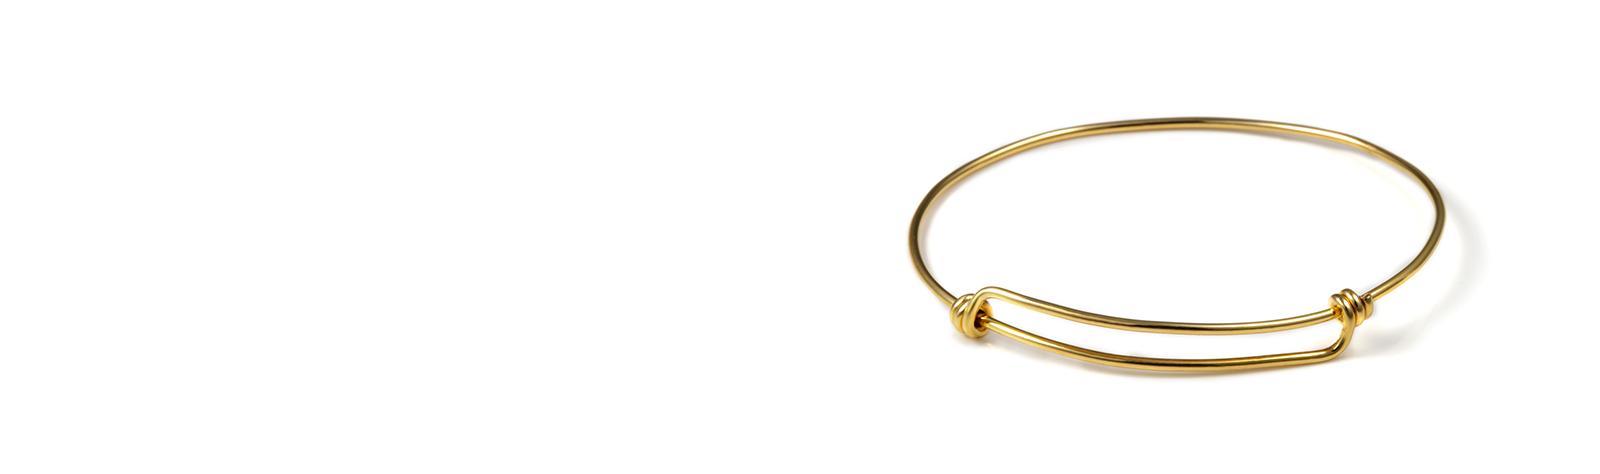 Pulseras para mujeres. Diseños exclusivos de pulseras.